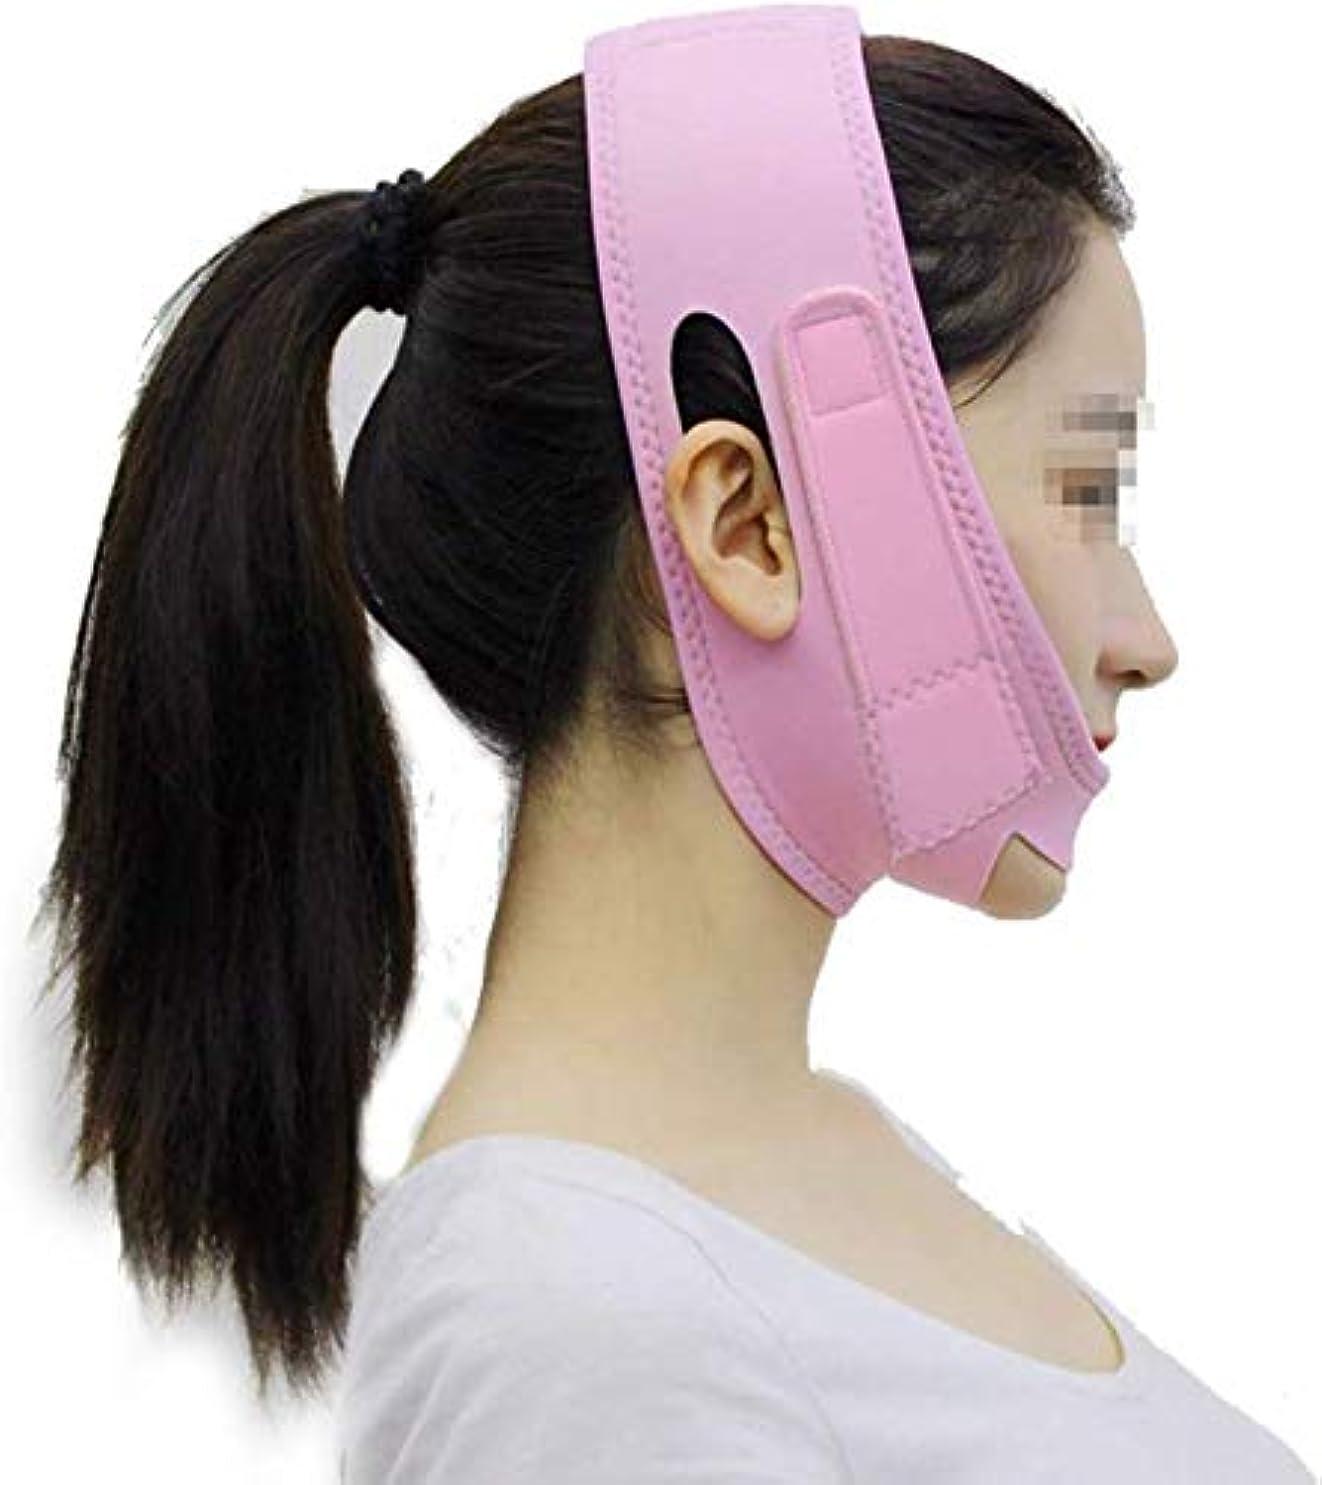 食料品店聴覚障害者空いている美しさと実用的なスリーピングフェイスマスク、ライン彫刻形状リフティング引き締めツールV顔にダブルチンピンクの包帯